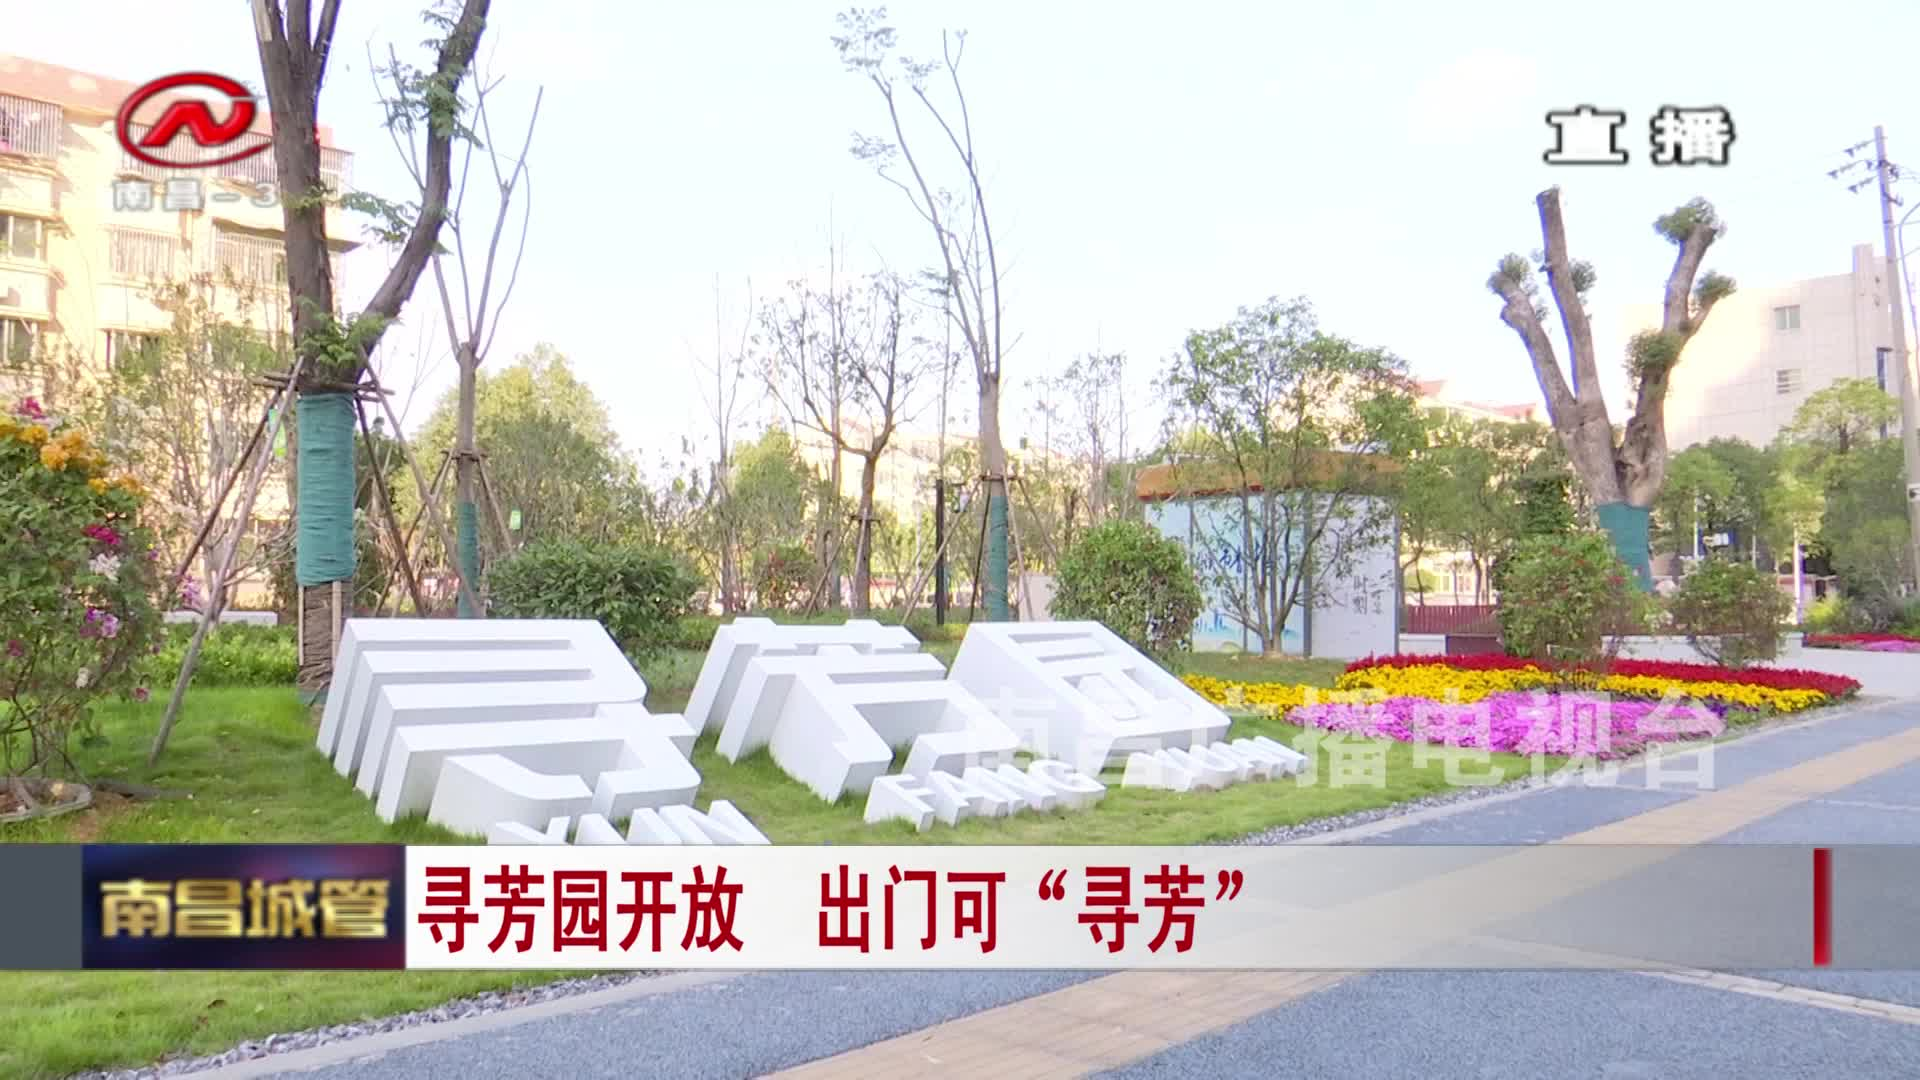 """【城管新闻】寻芳园开放  出门可""""寻芳"""""""